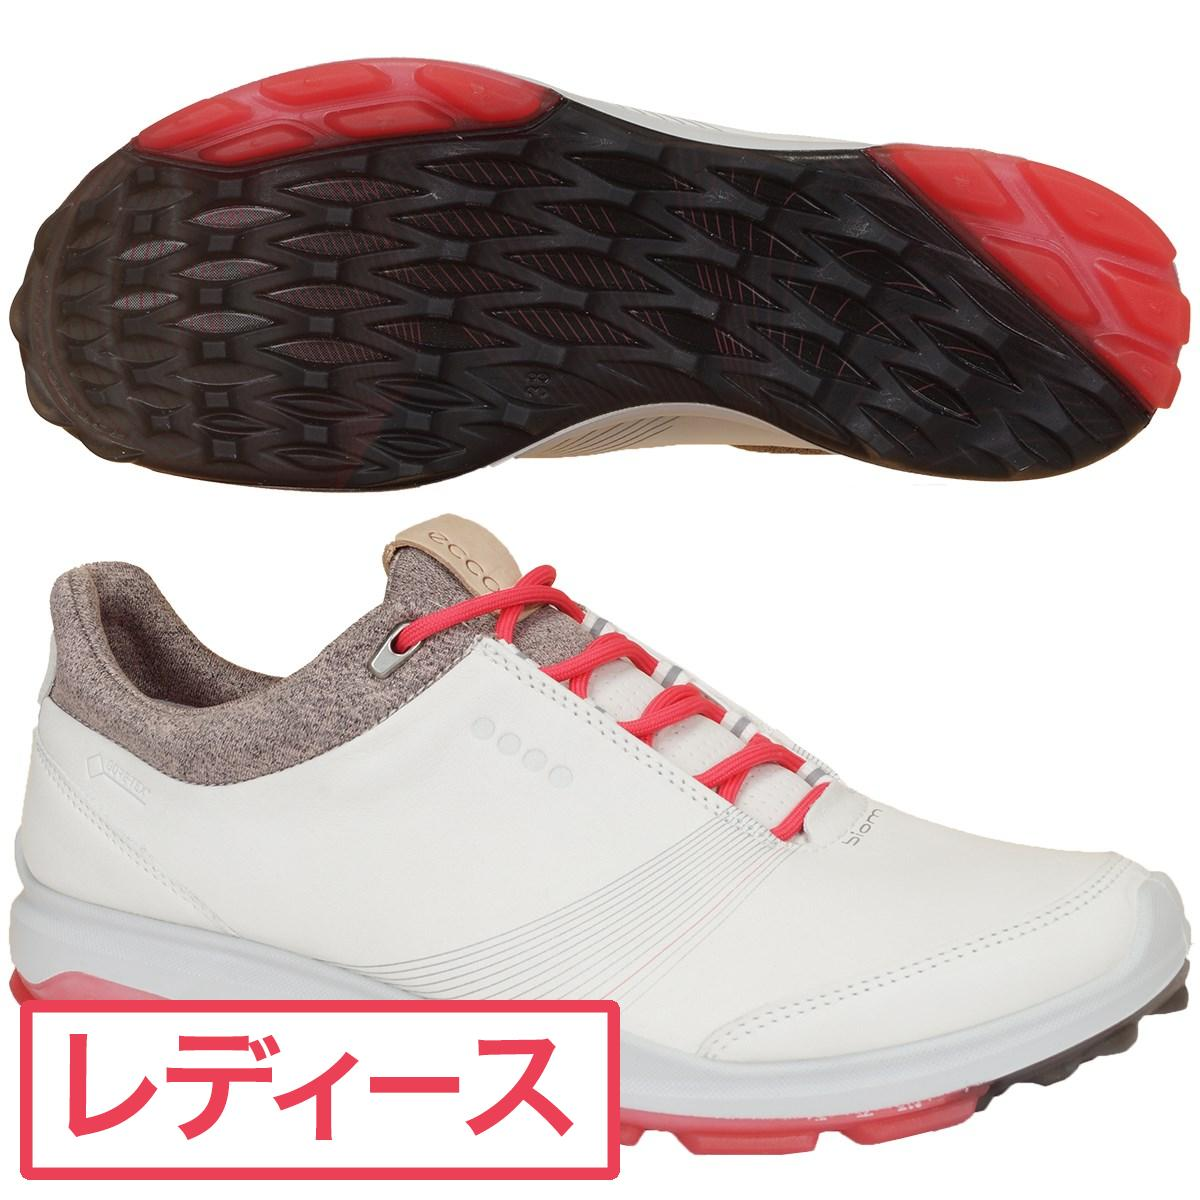 ecco エコー バイオム ハイブリッド3 GTX シューズ レディス[ゴルフ用品 GOLF GDO シューズ 靴 レディース 女性用 レディースシューズ スポーツシューズ おしゃれ スポーツ用品 通販 ]